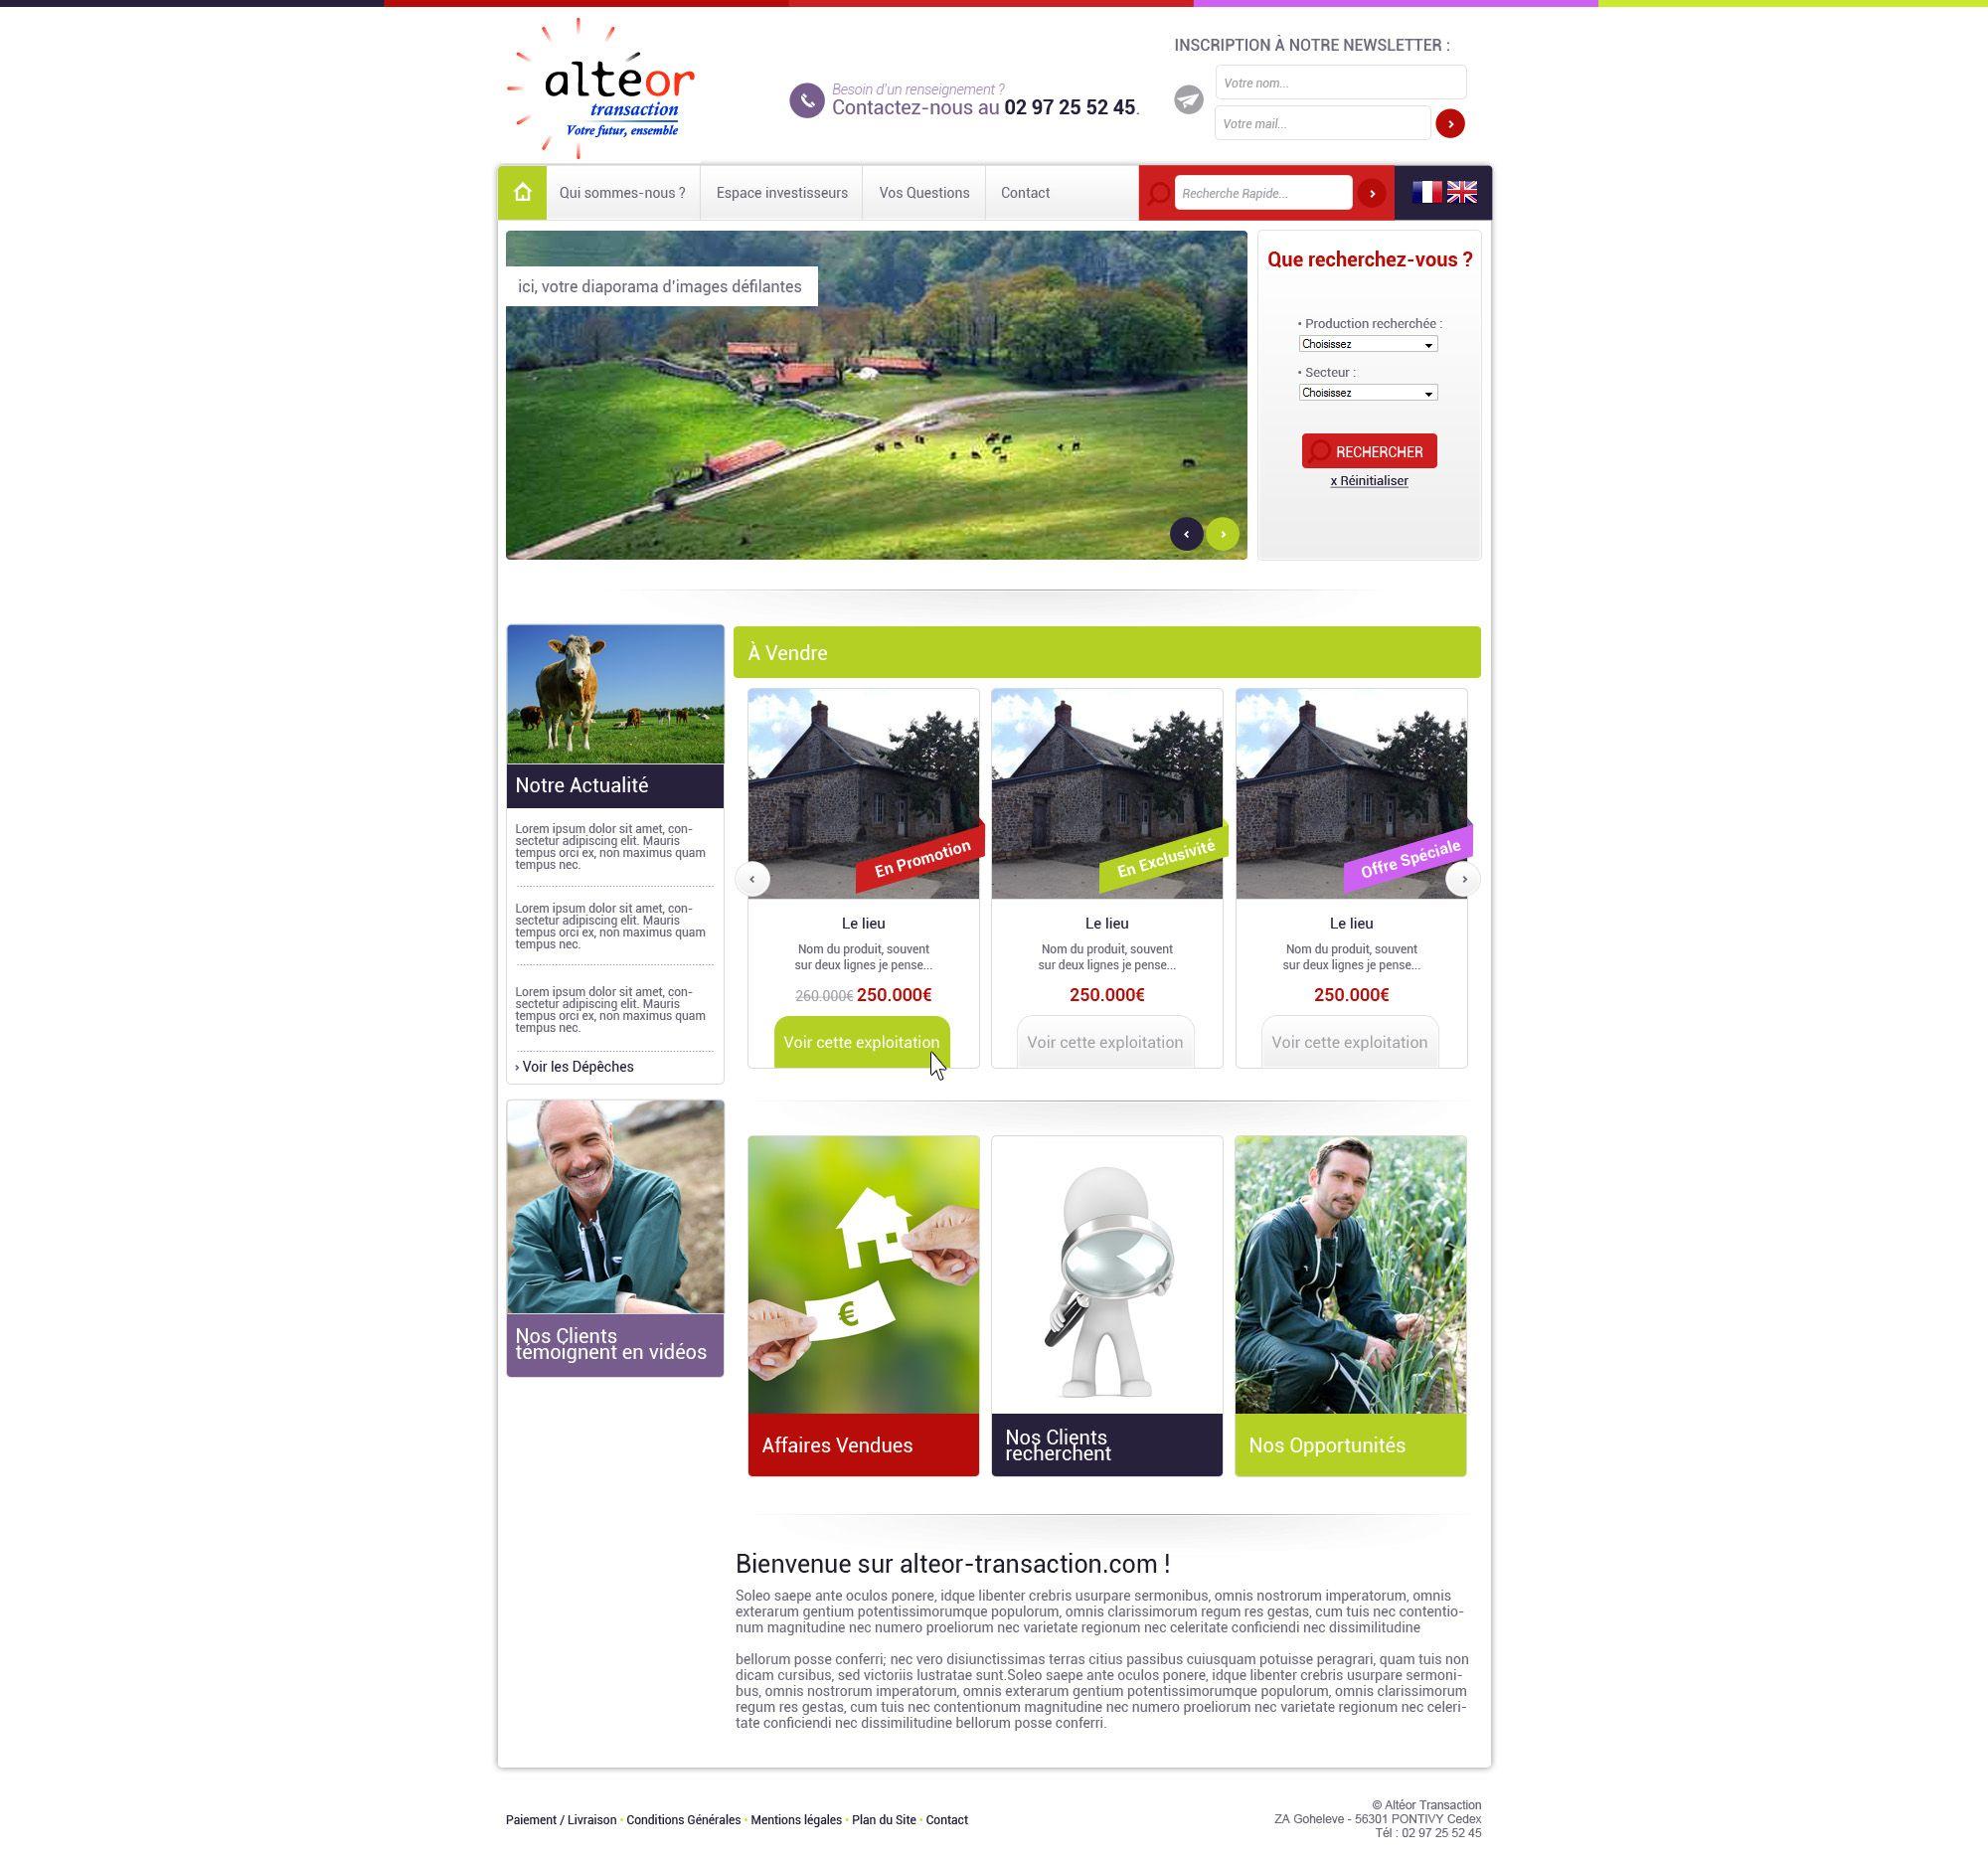 Maquette site alteor-transaction.com - creation de site marchand